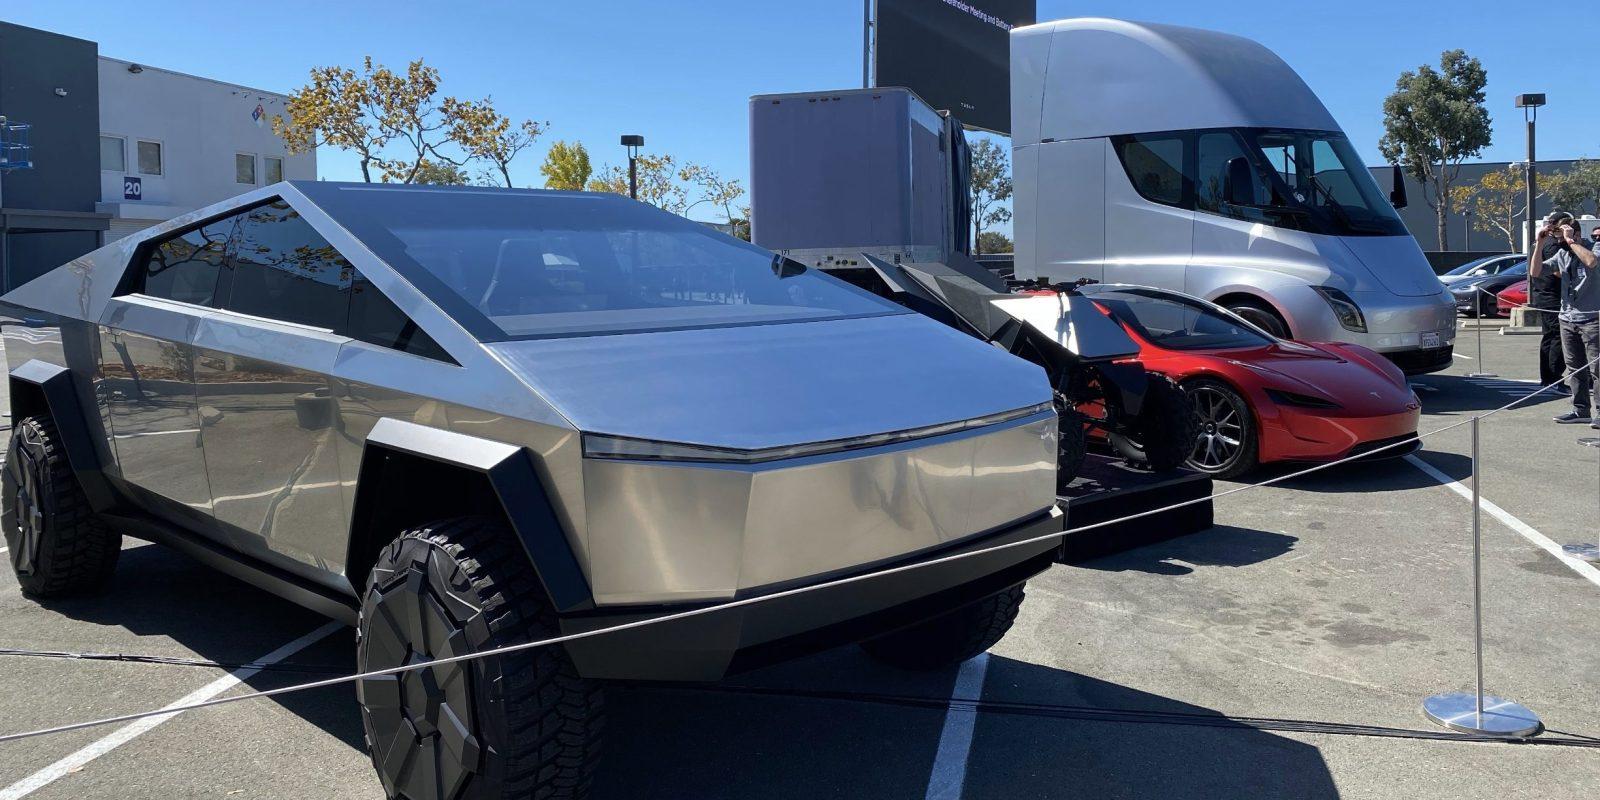 Tesla, tesla cybertruck, tesla atv, tesla semi, tesla roadster